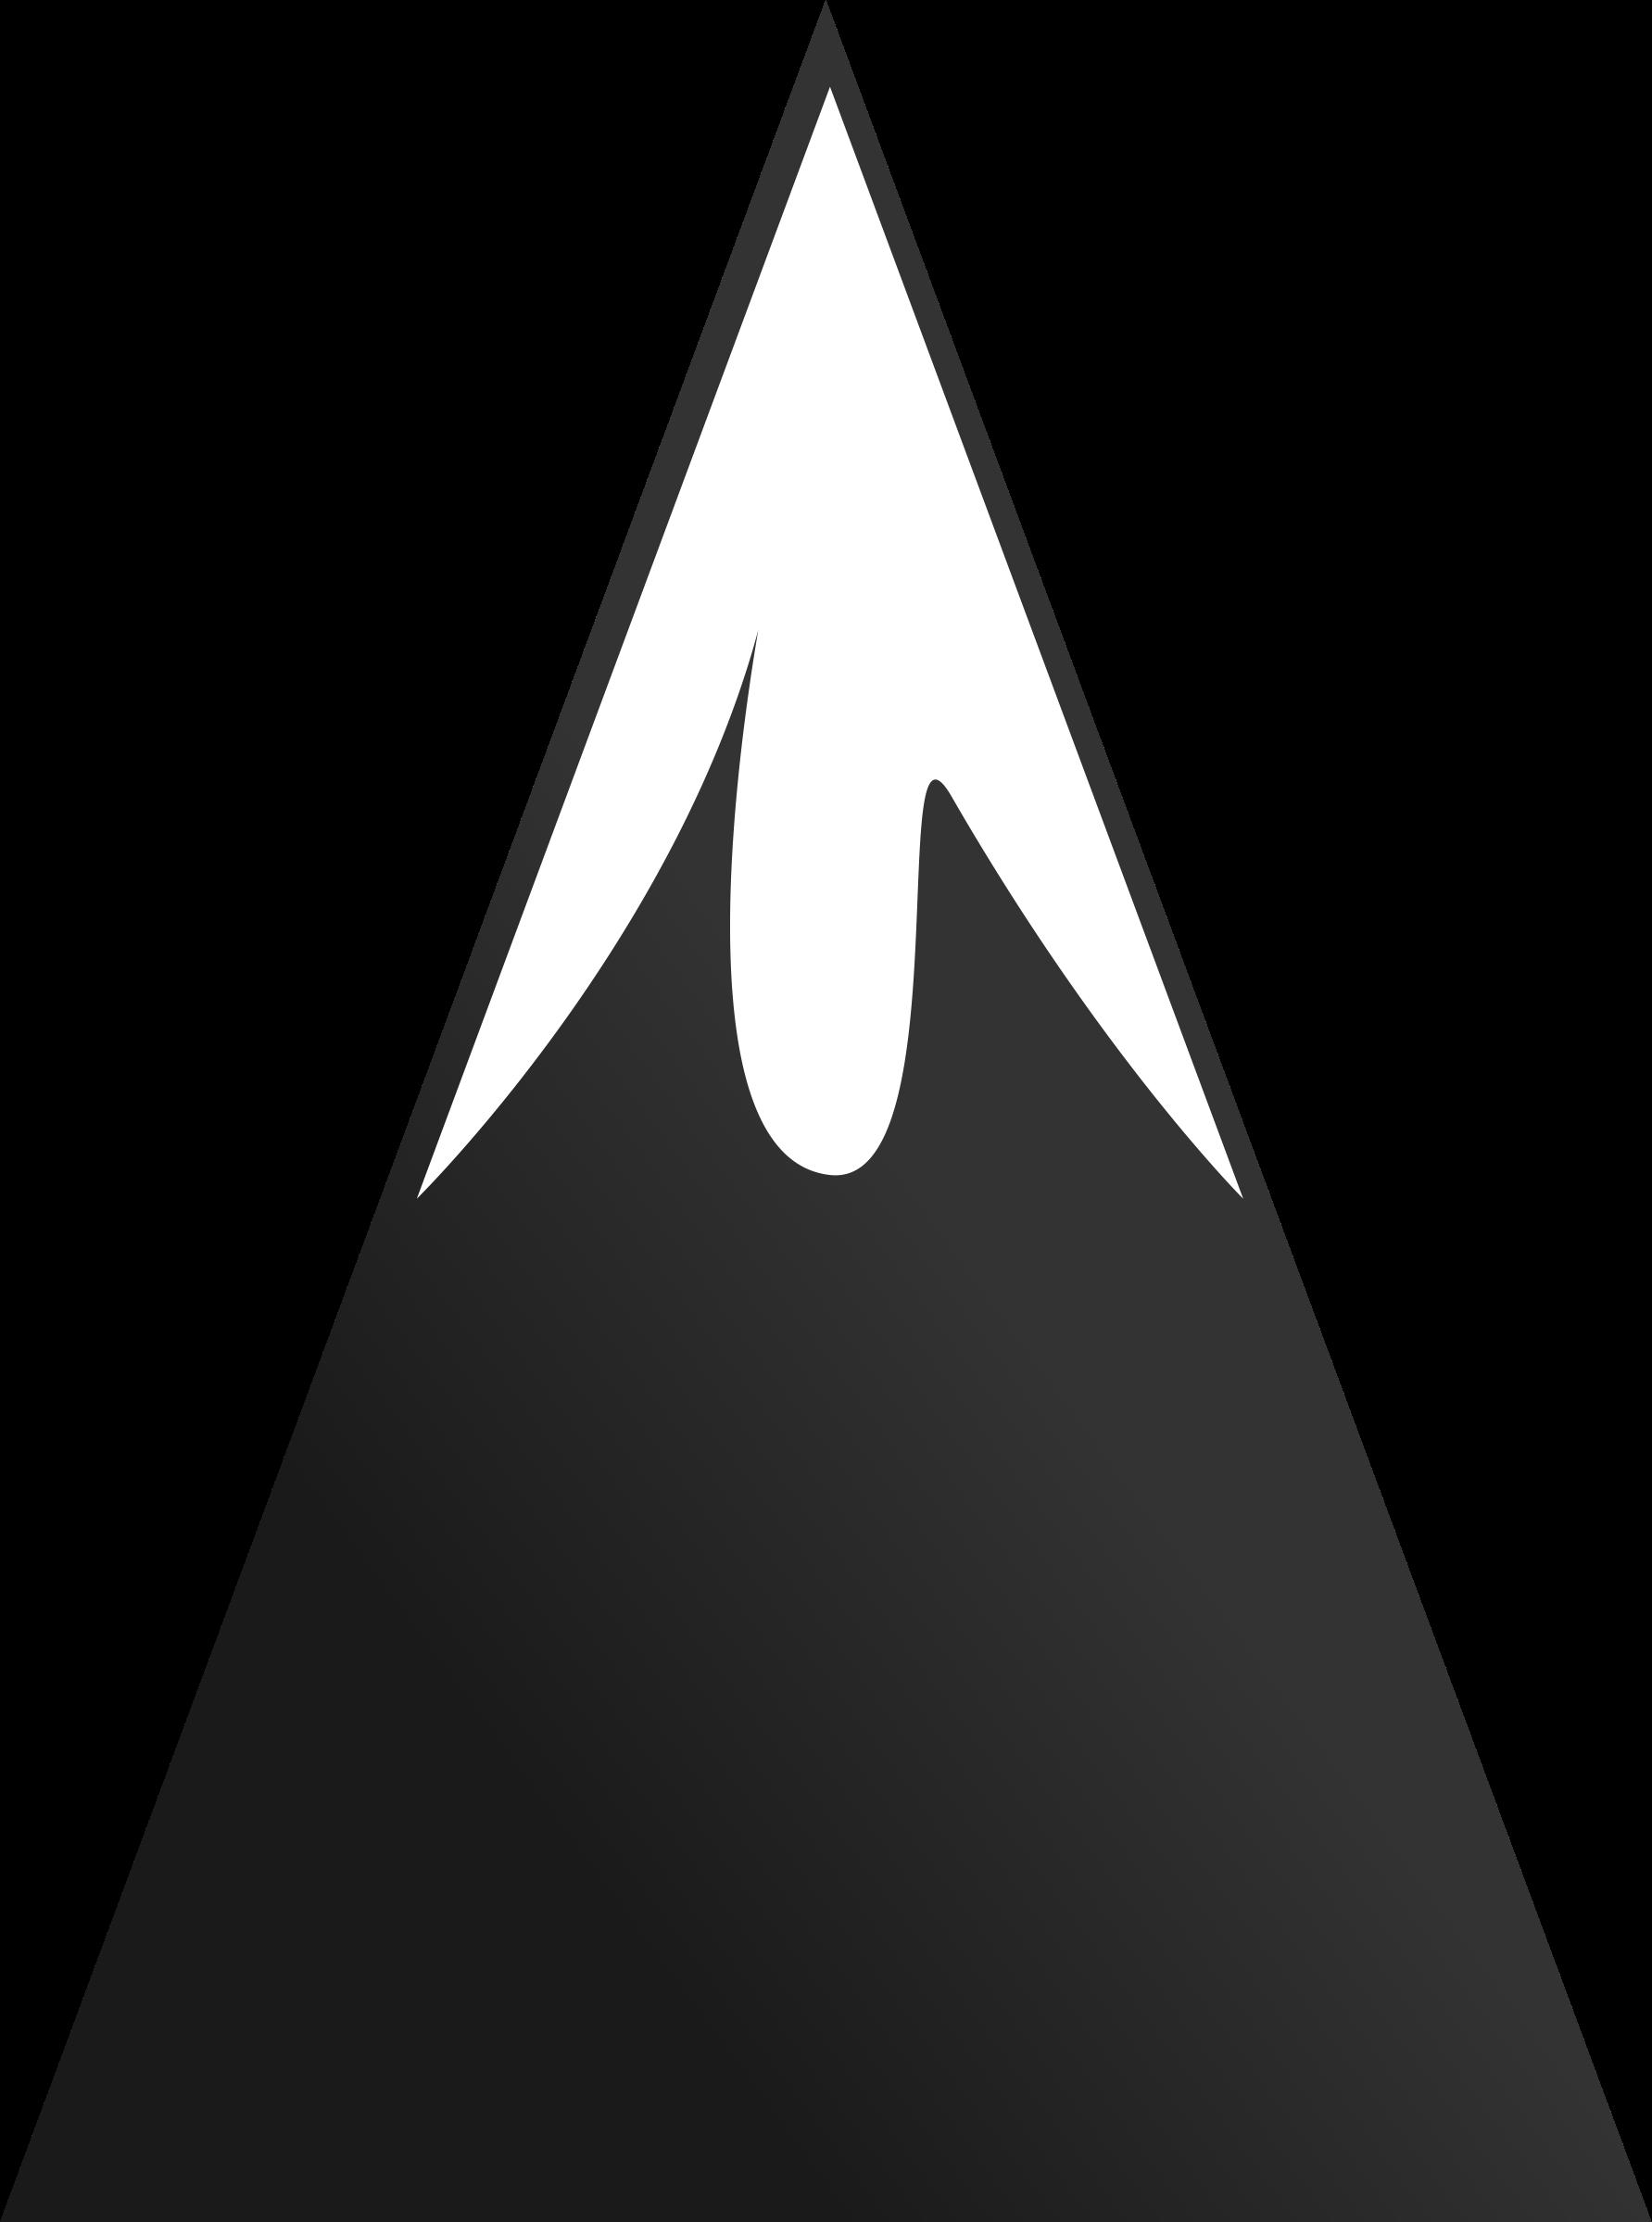 Mountain clip art at vector clip art image 8